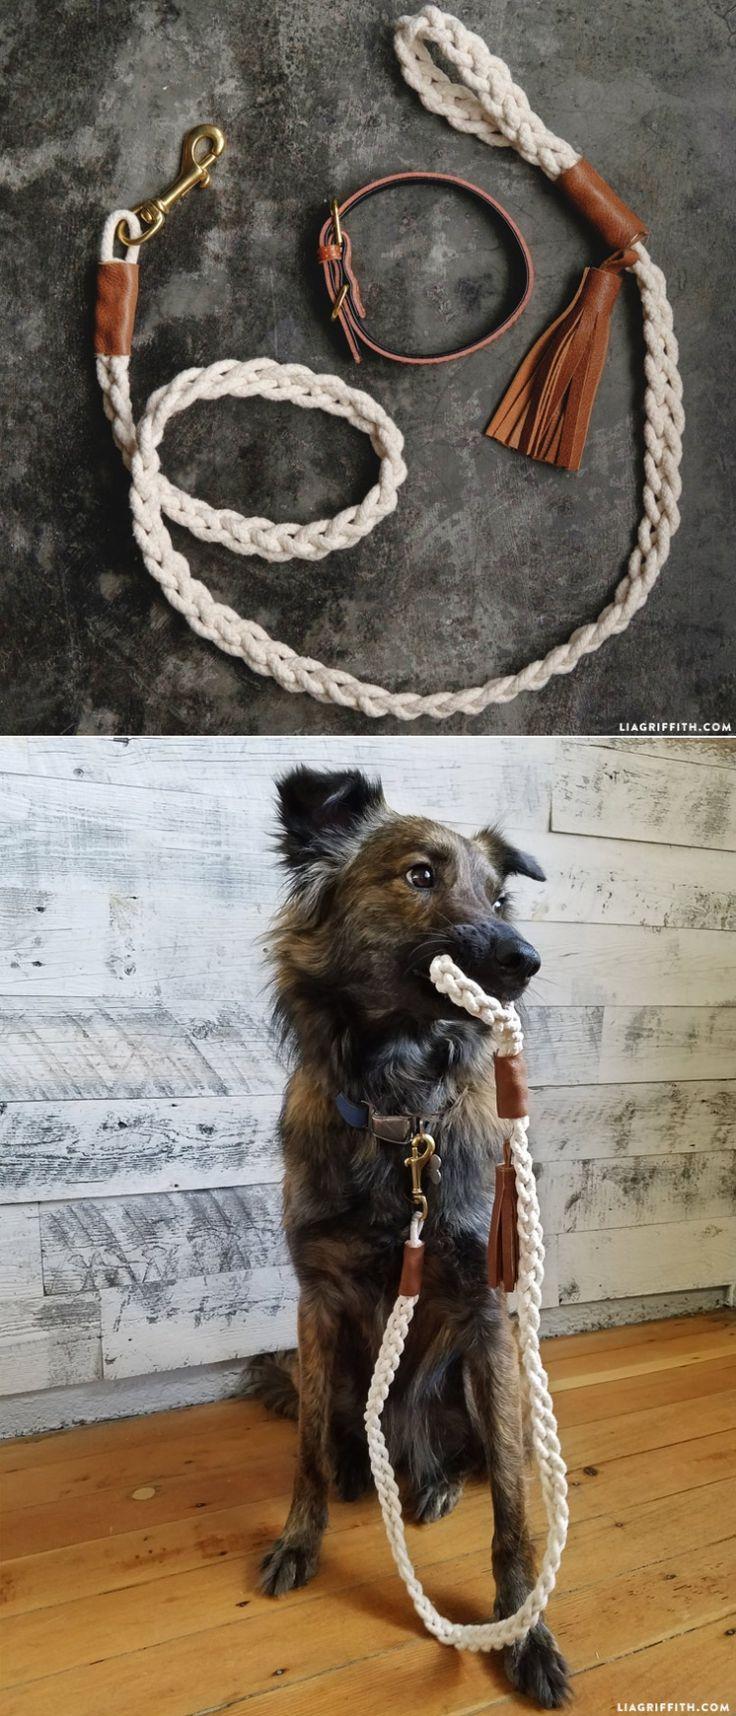 DIY #DogLeash tutorial at www.LiaGriffith.com: